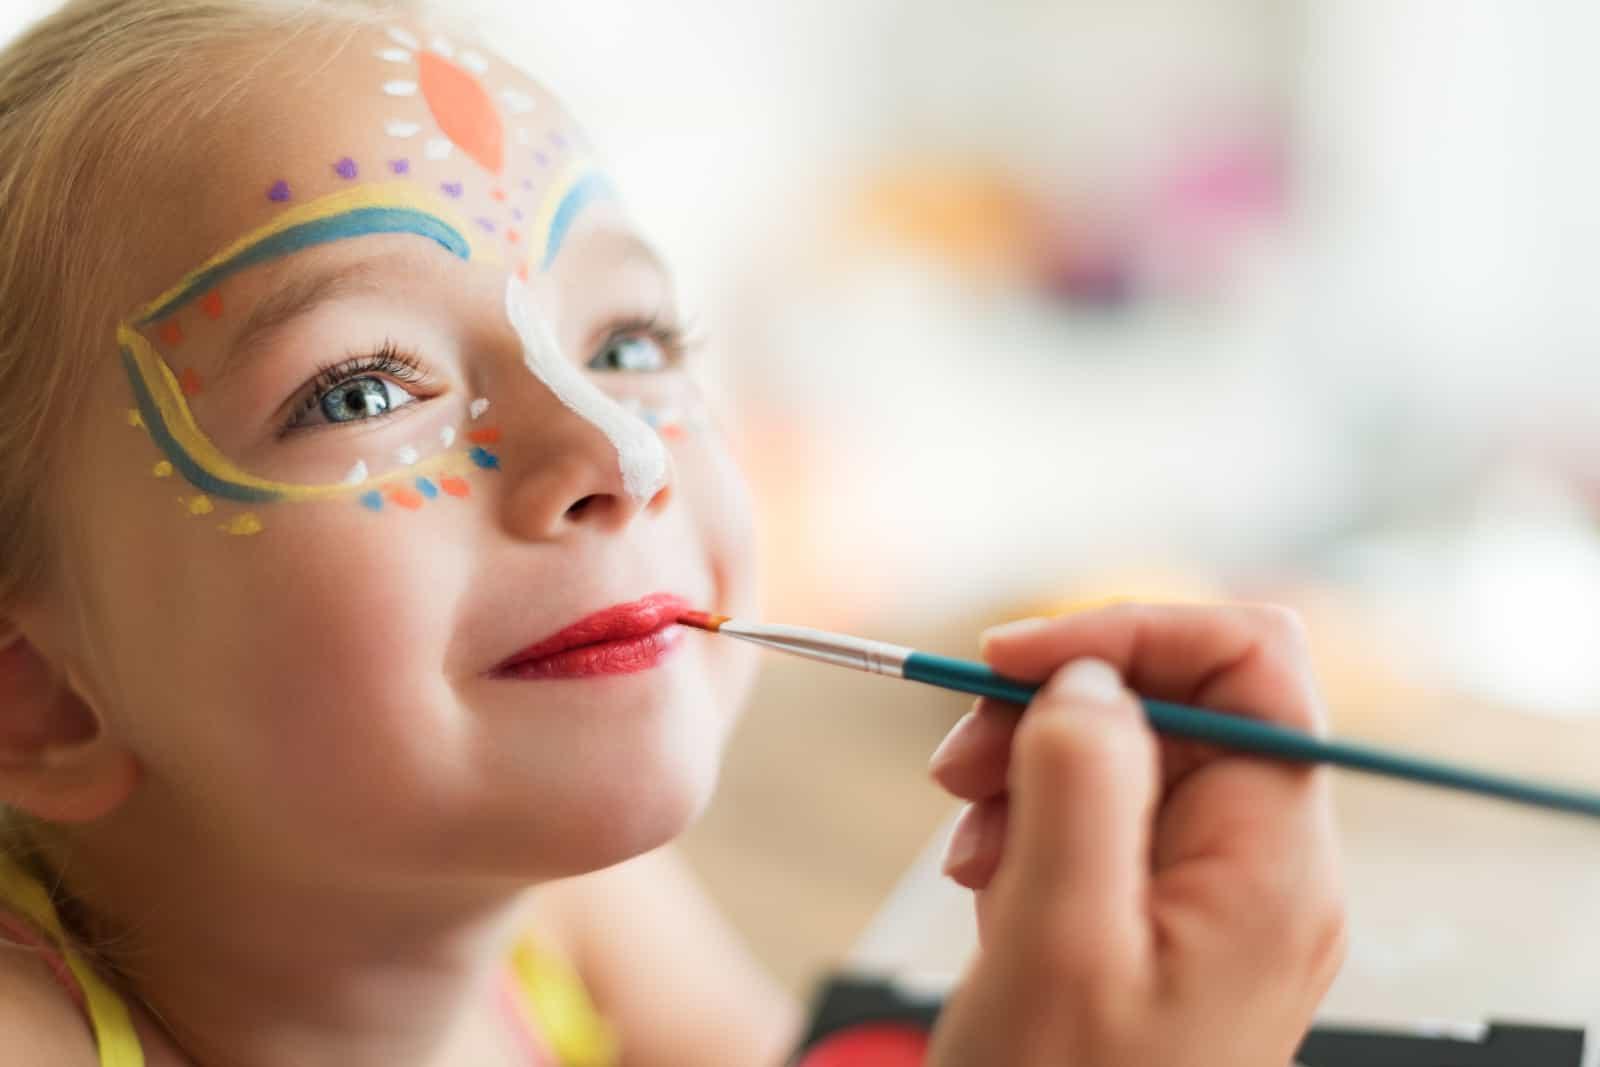 eine Person, die Schmetterlinge auf das Gesicht eines Mädchens zeichnet